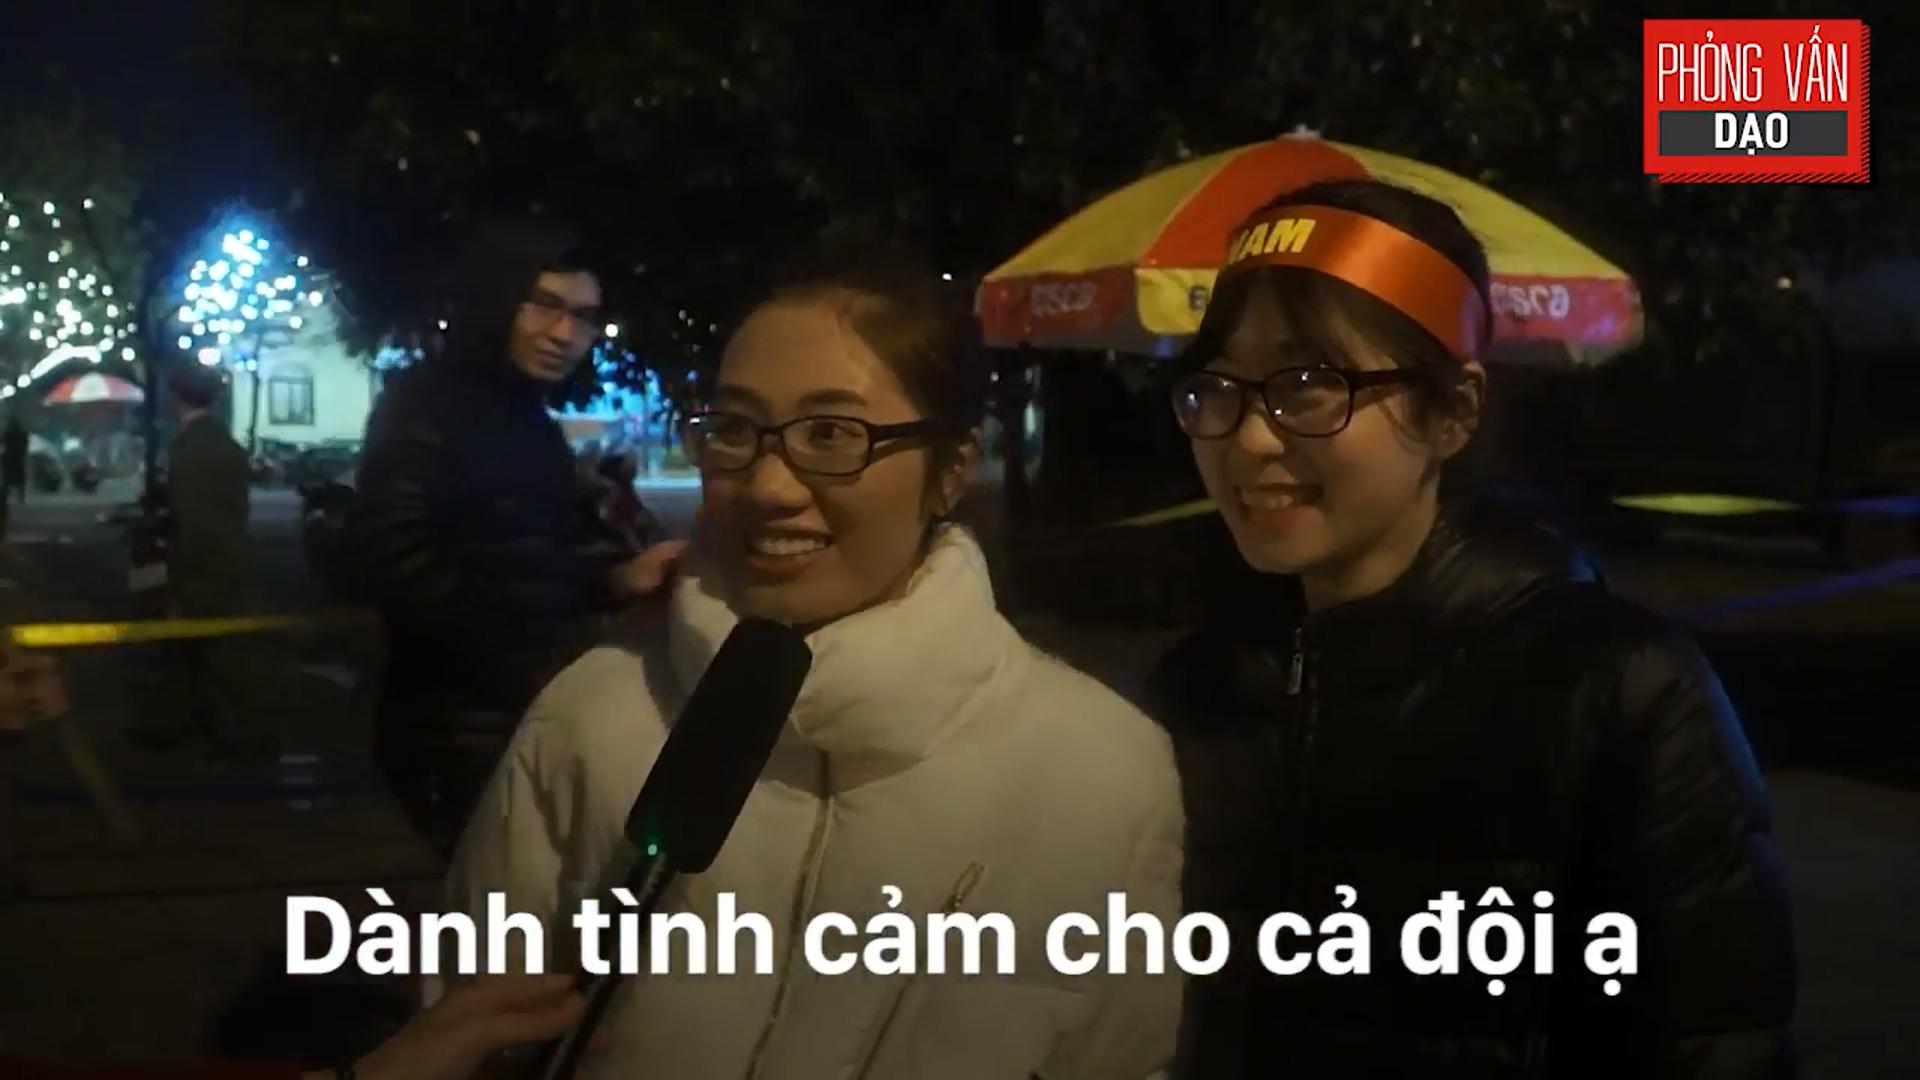 Phỏng vấn dạo: Cảm xúc của người hâm mộ khi đón U23 Việt Nam trở về trong vòng tay - Ảnh 12.